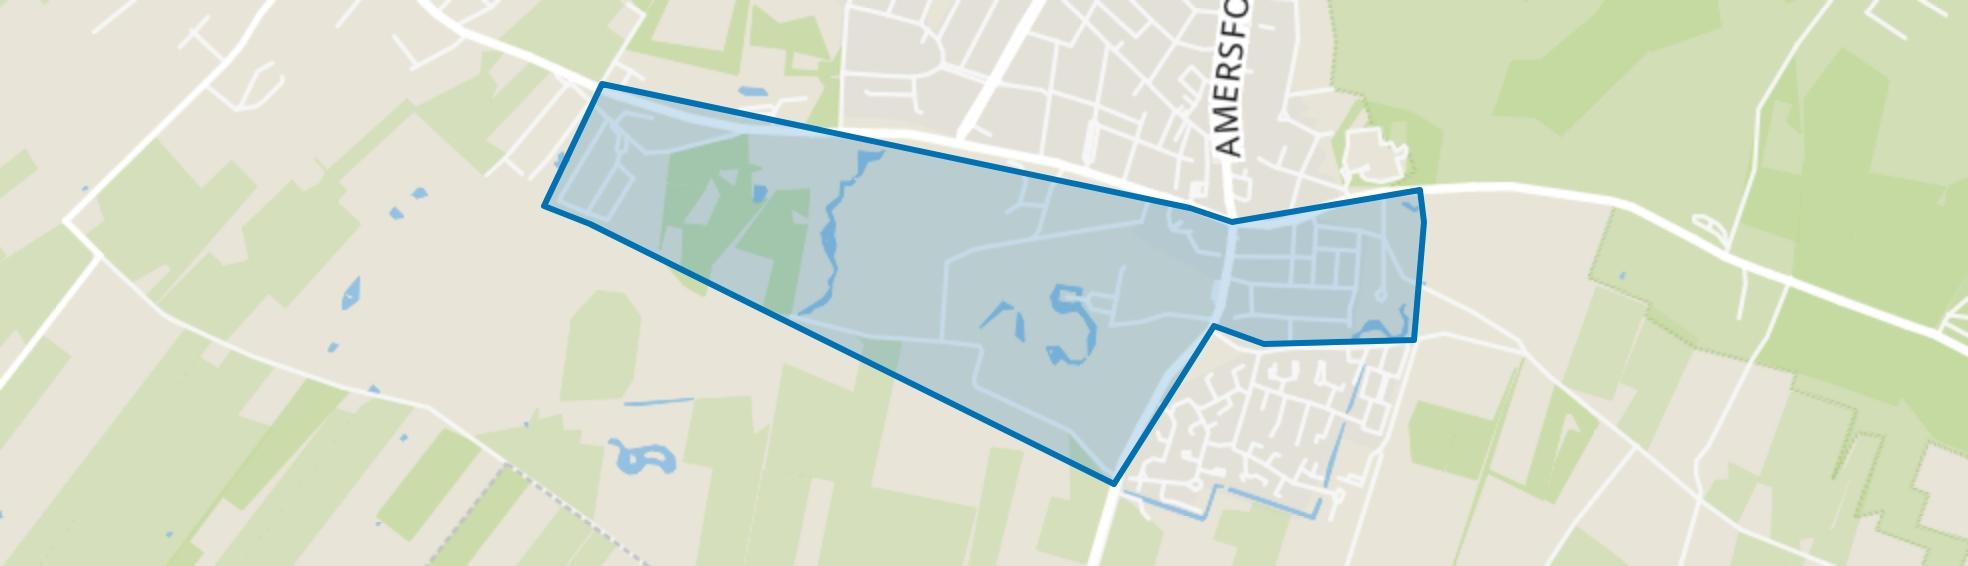 Doorn-Zuid, Doorn map